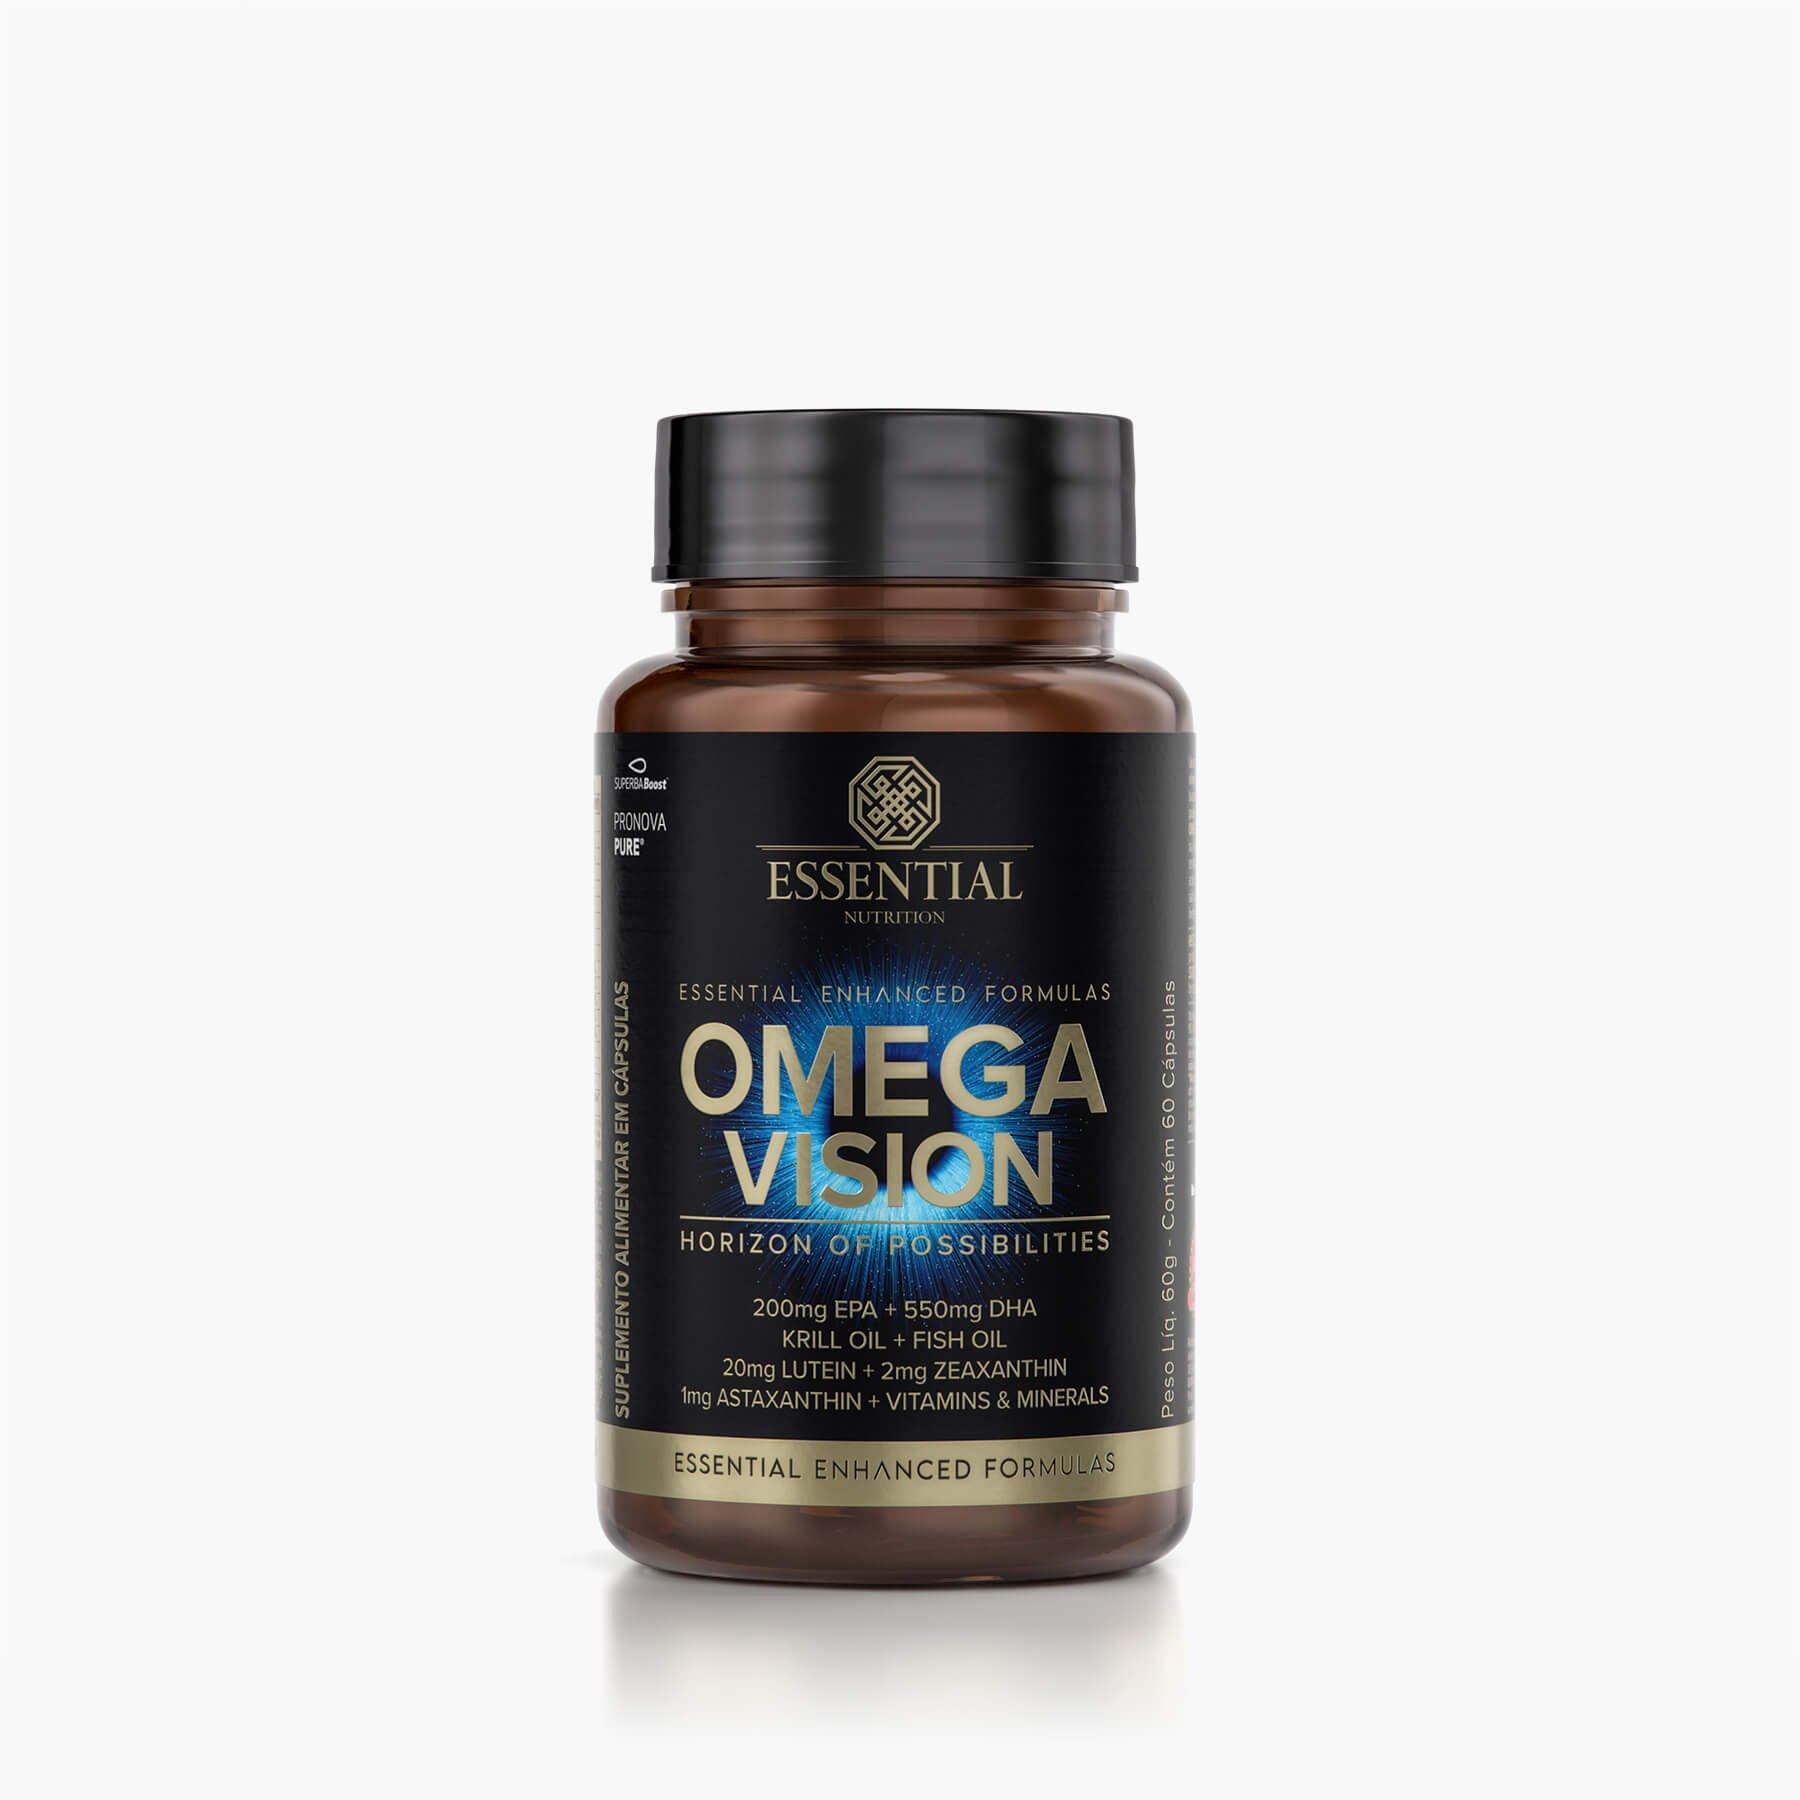 ESSENTIAL OMEGA VISION 60 cápsulas - 30 doses Óleo de peixe (TG) + óleo de krill + nutrientes que auxiliam na visão